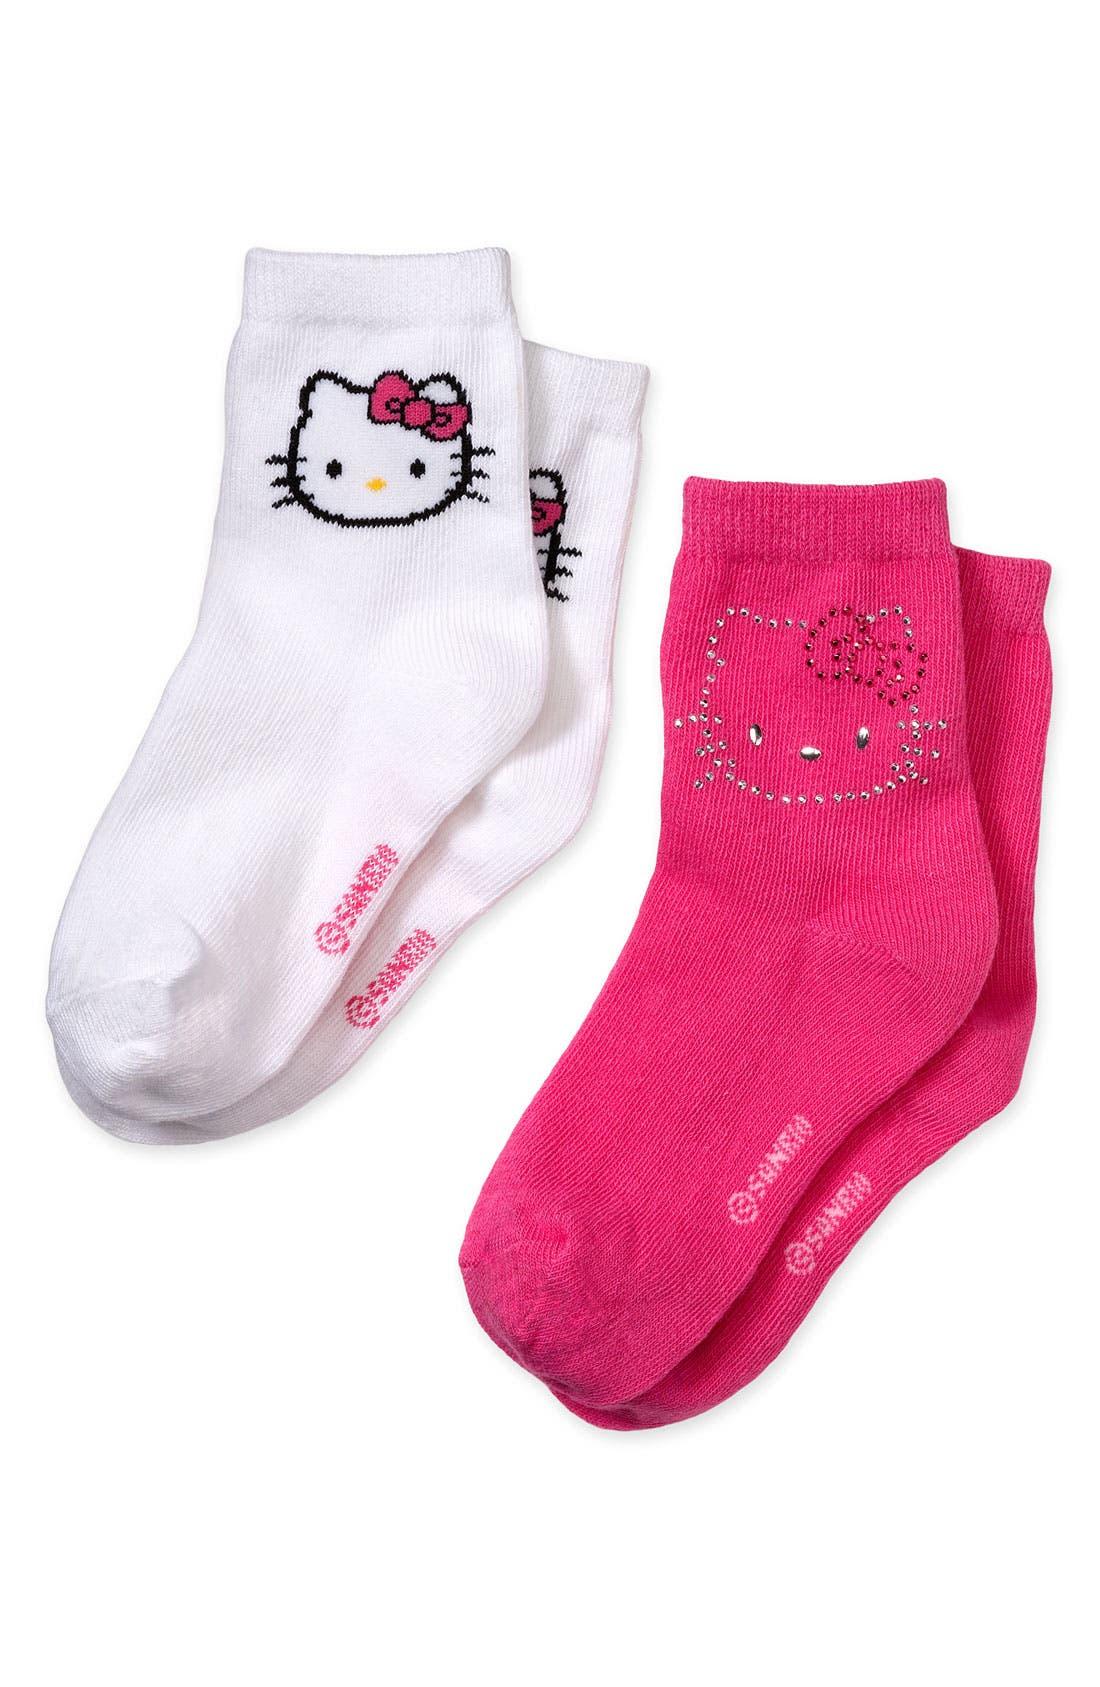 Main Image - Hello Kitty® 'Diamante' Socks (2-Pack) (Girls)